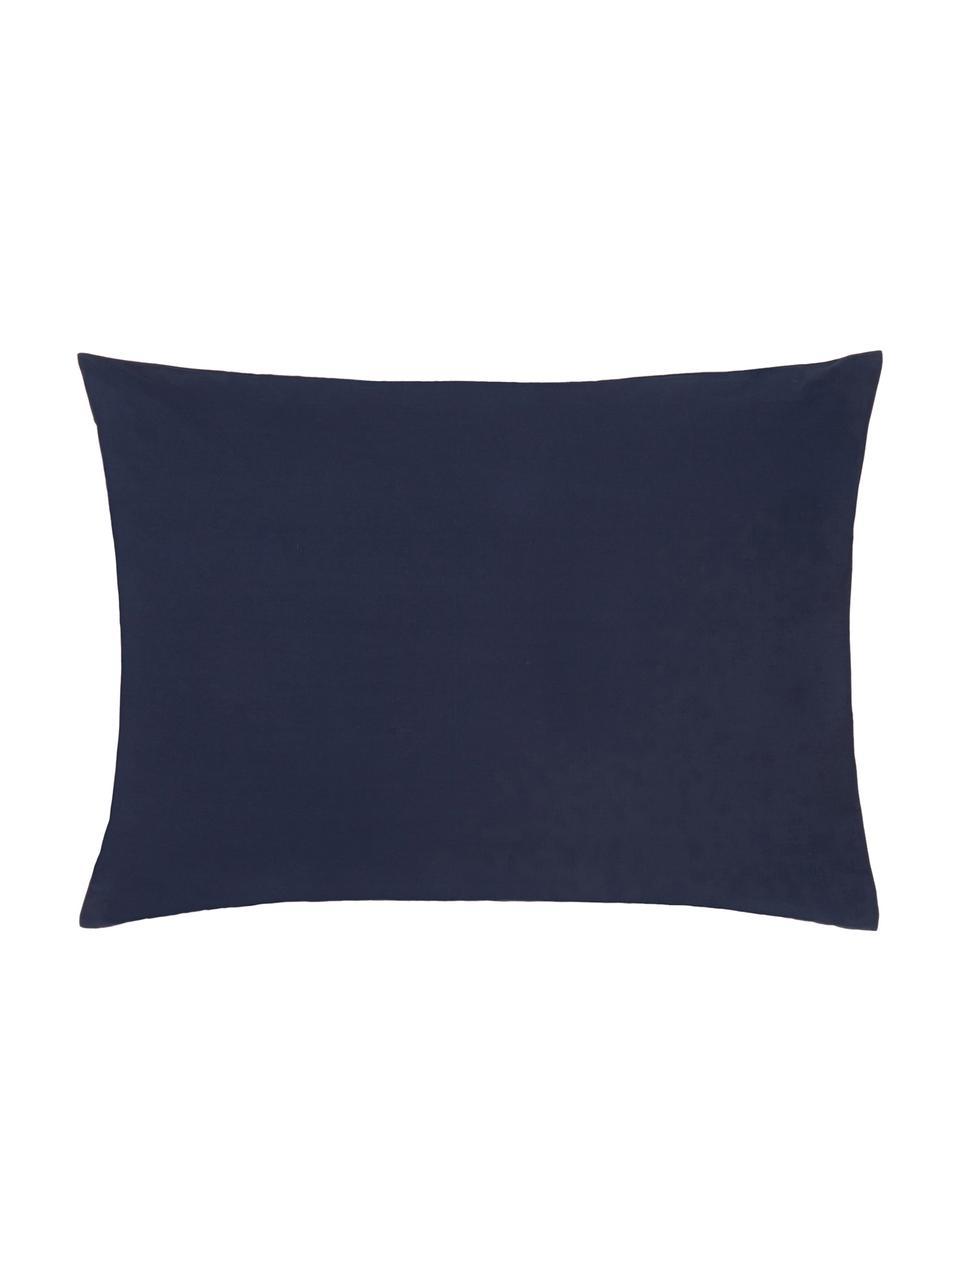 Taie d'oreiller 50x70 percale Elsie, 2pièces, Bleu foncé